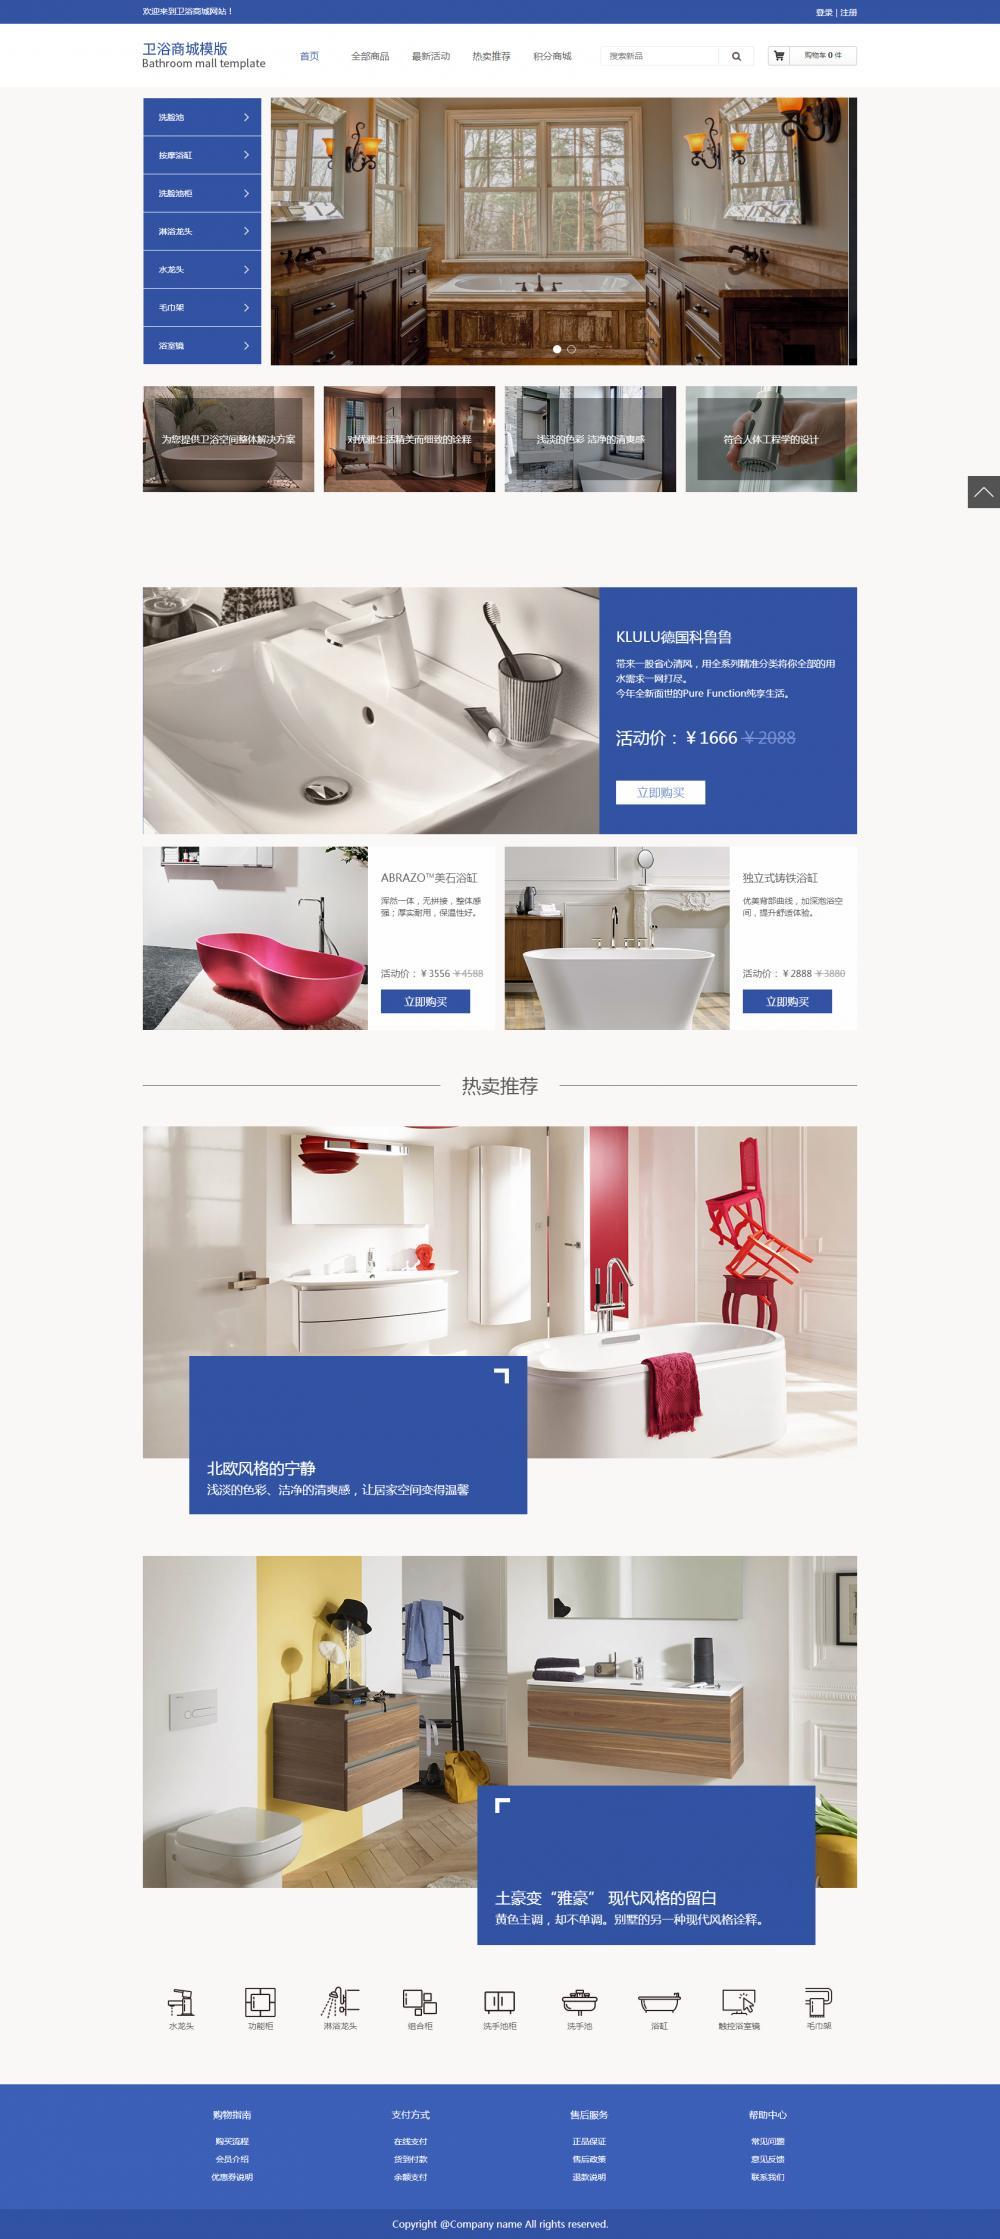 蓝色卫浴商城模板